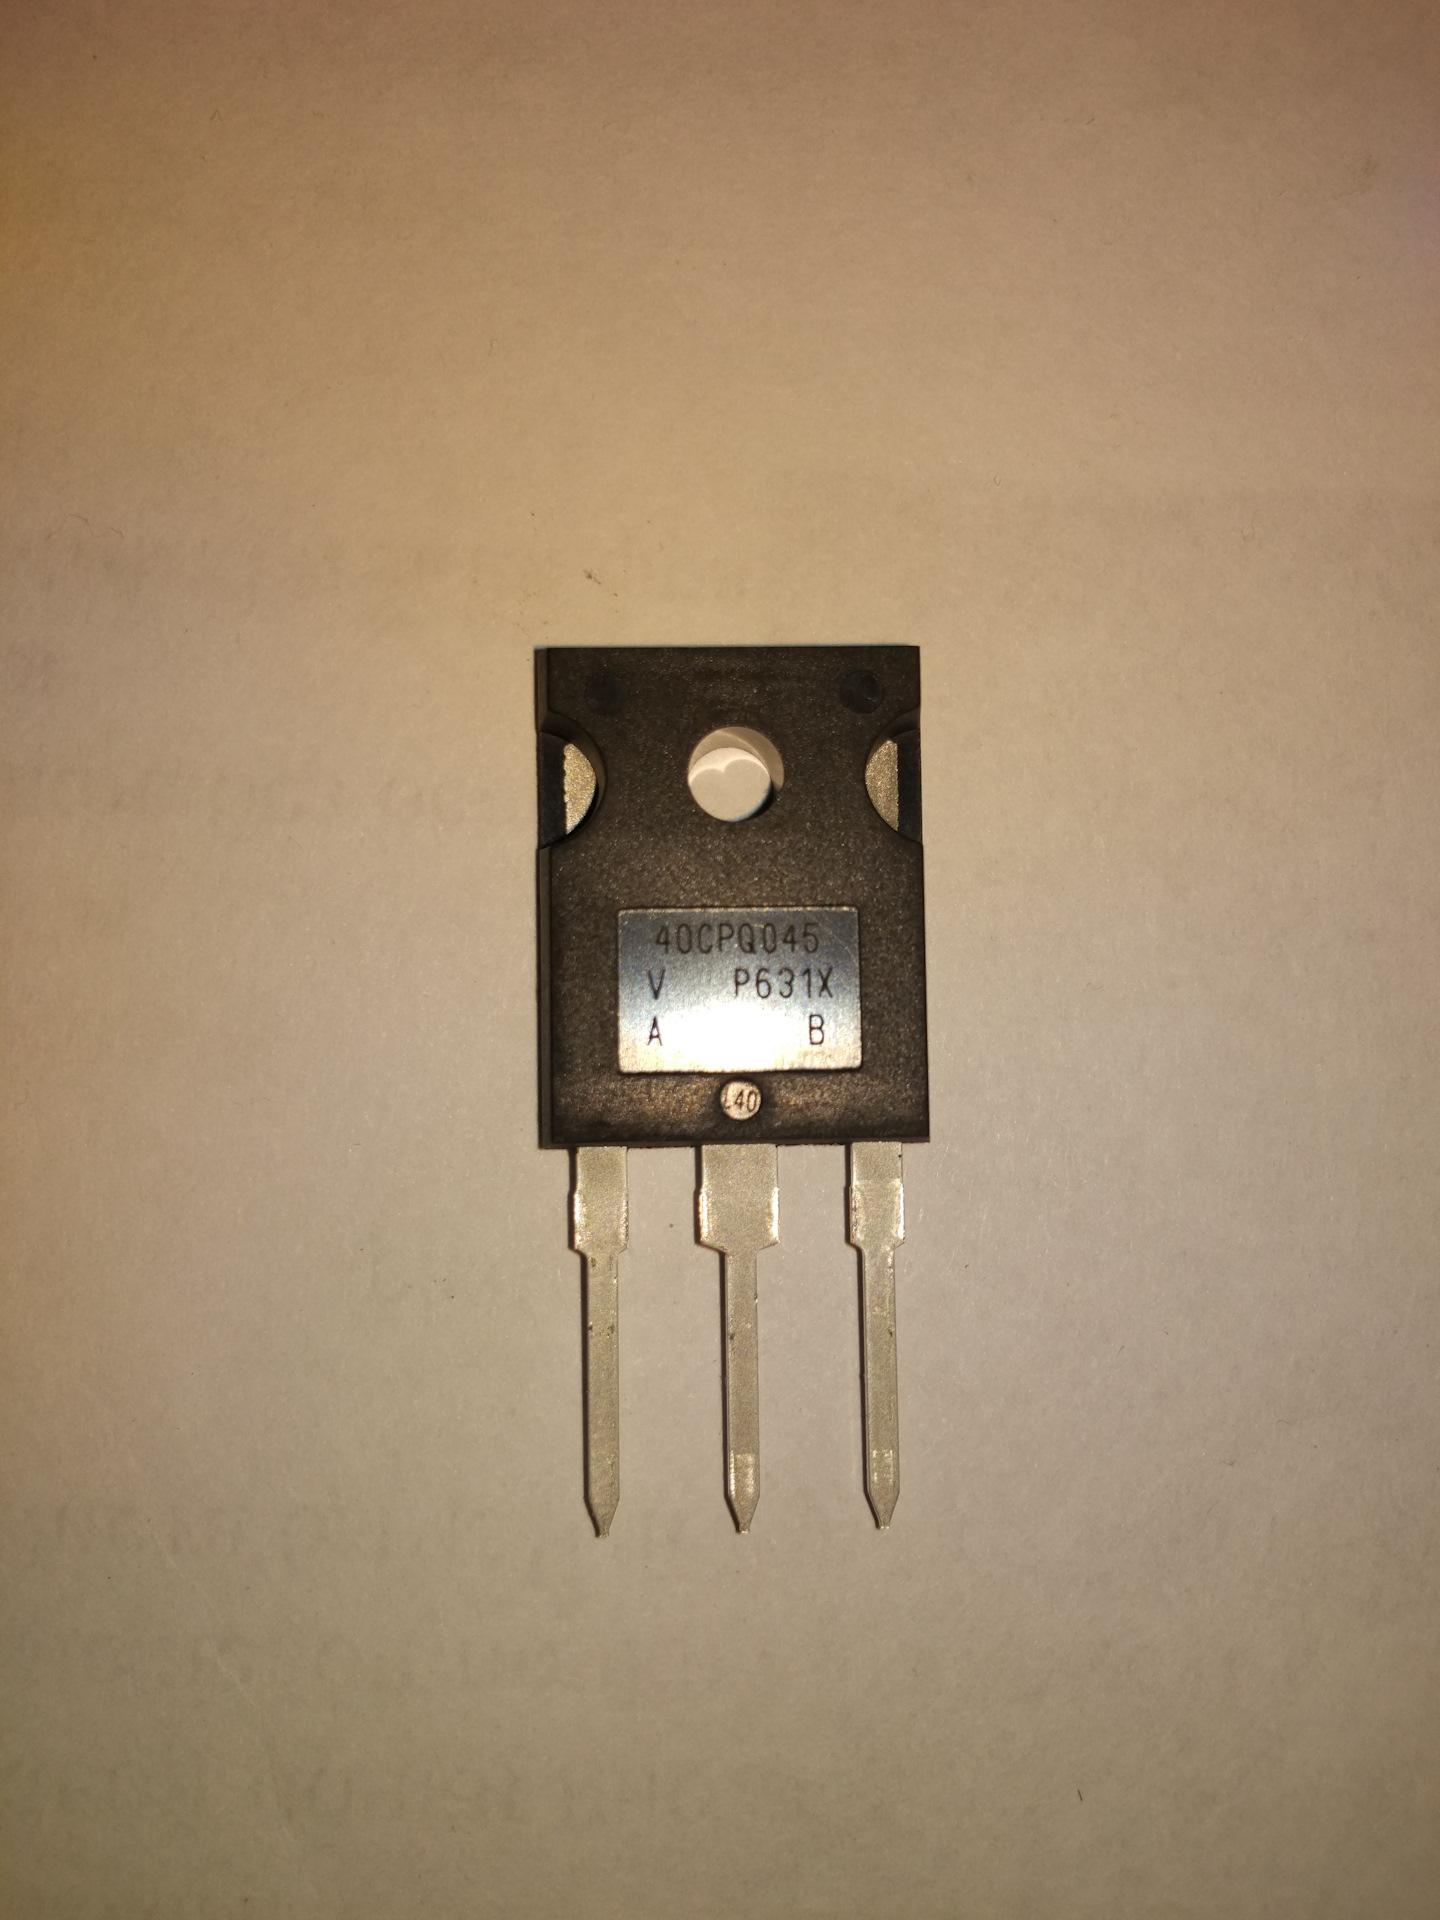 транзисторы в блоке управления вентилятором мерседес ml